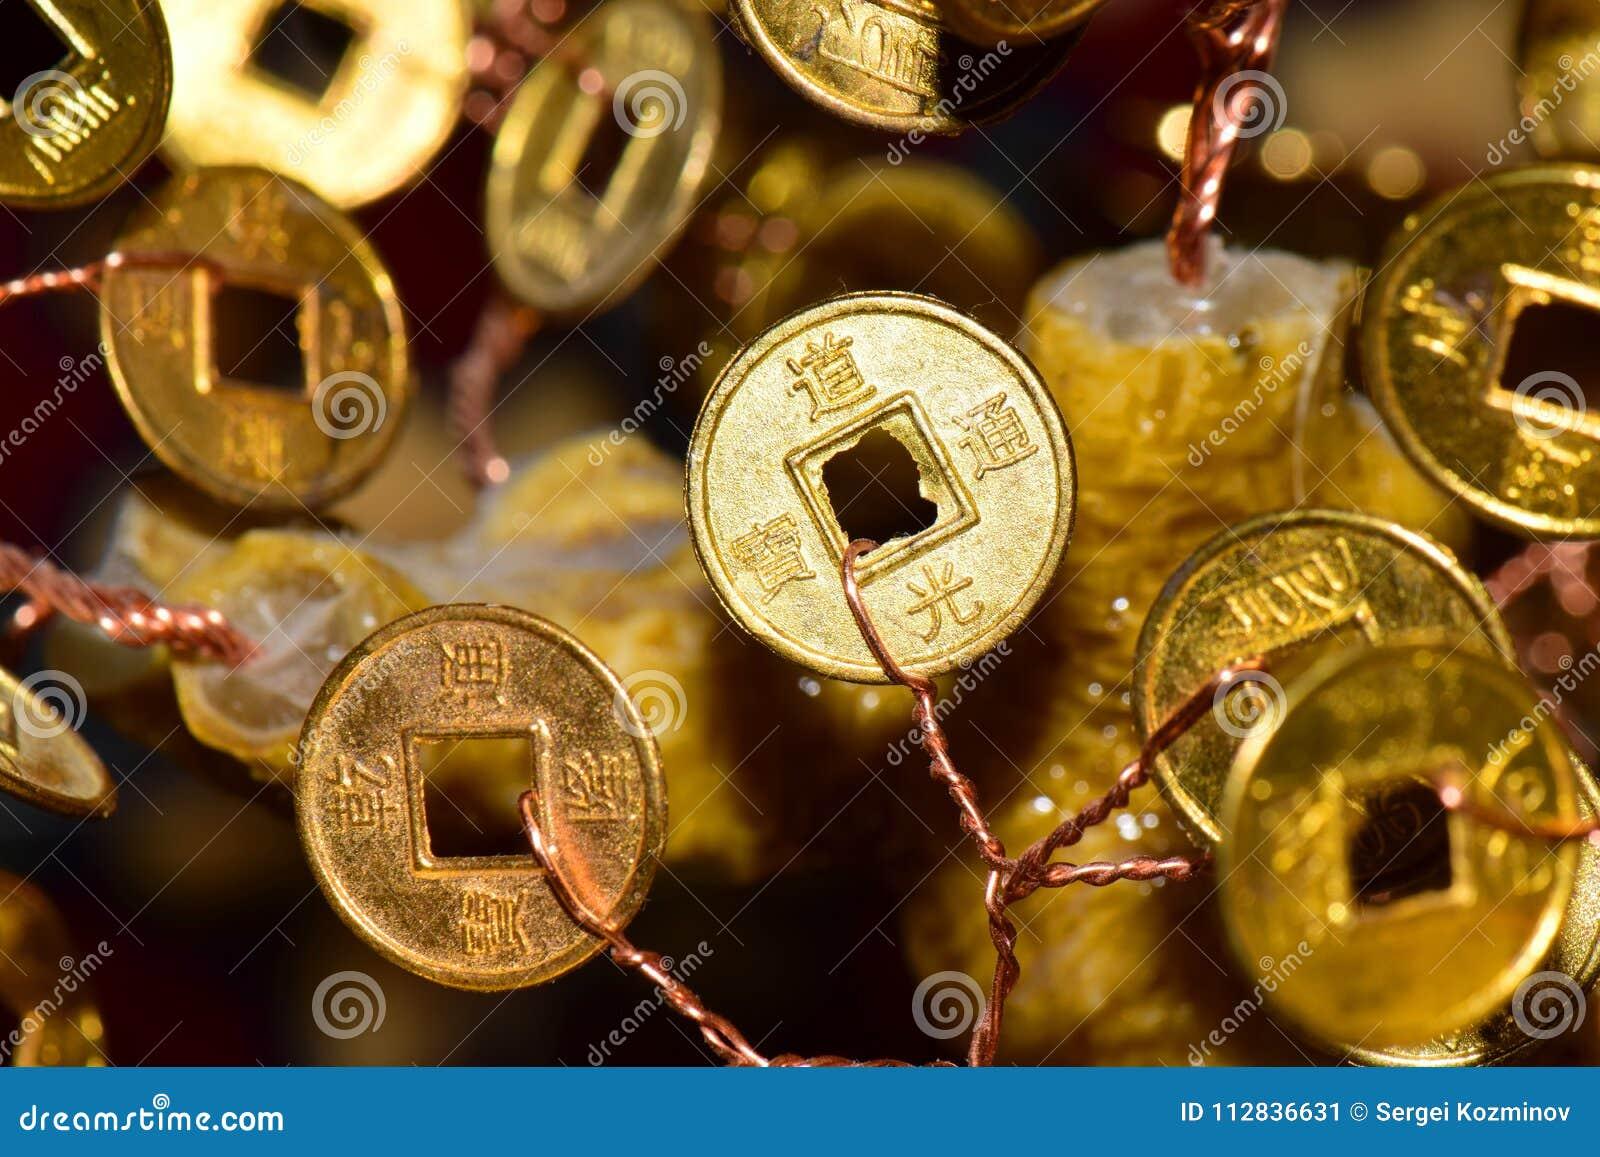 Primo piano di una moneta di oro con i segni su un albero dei soldi